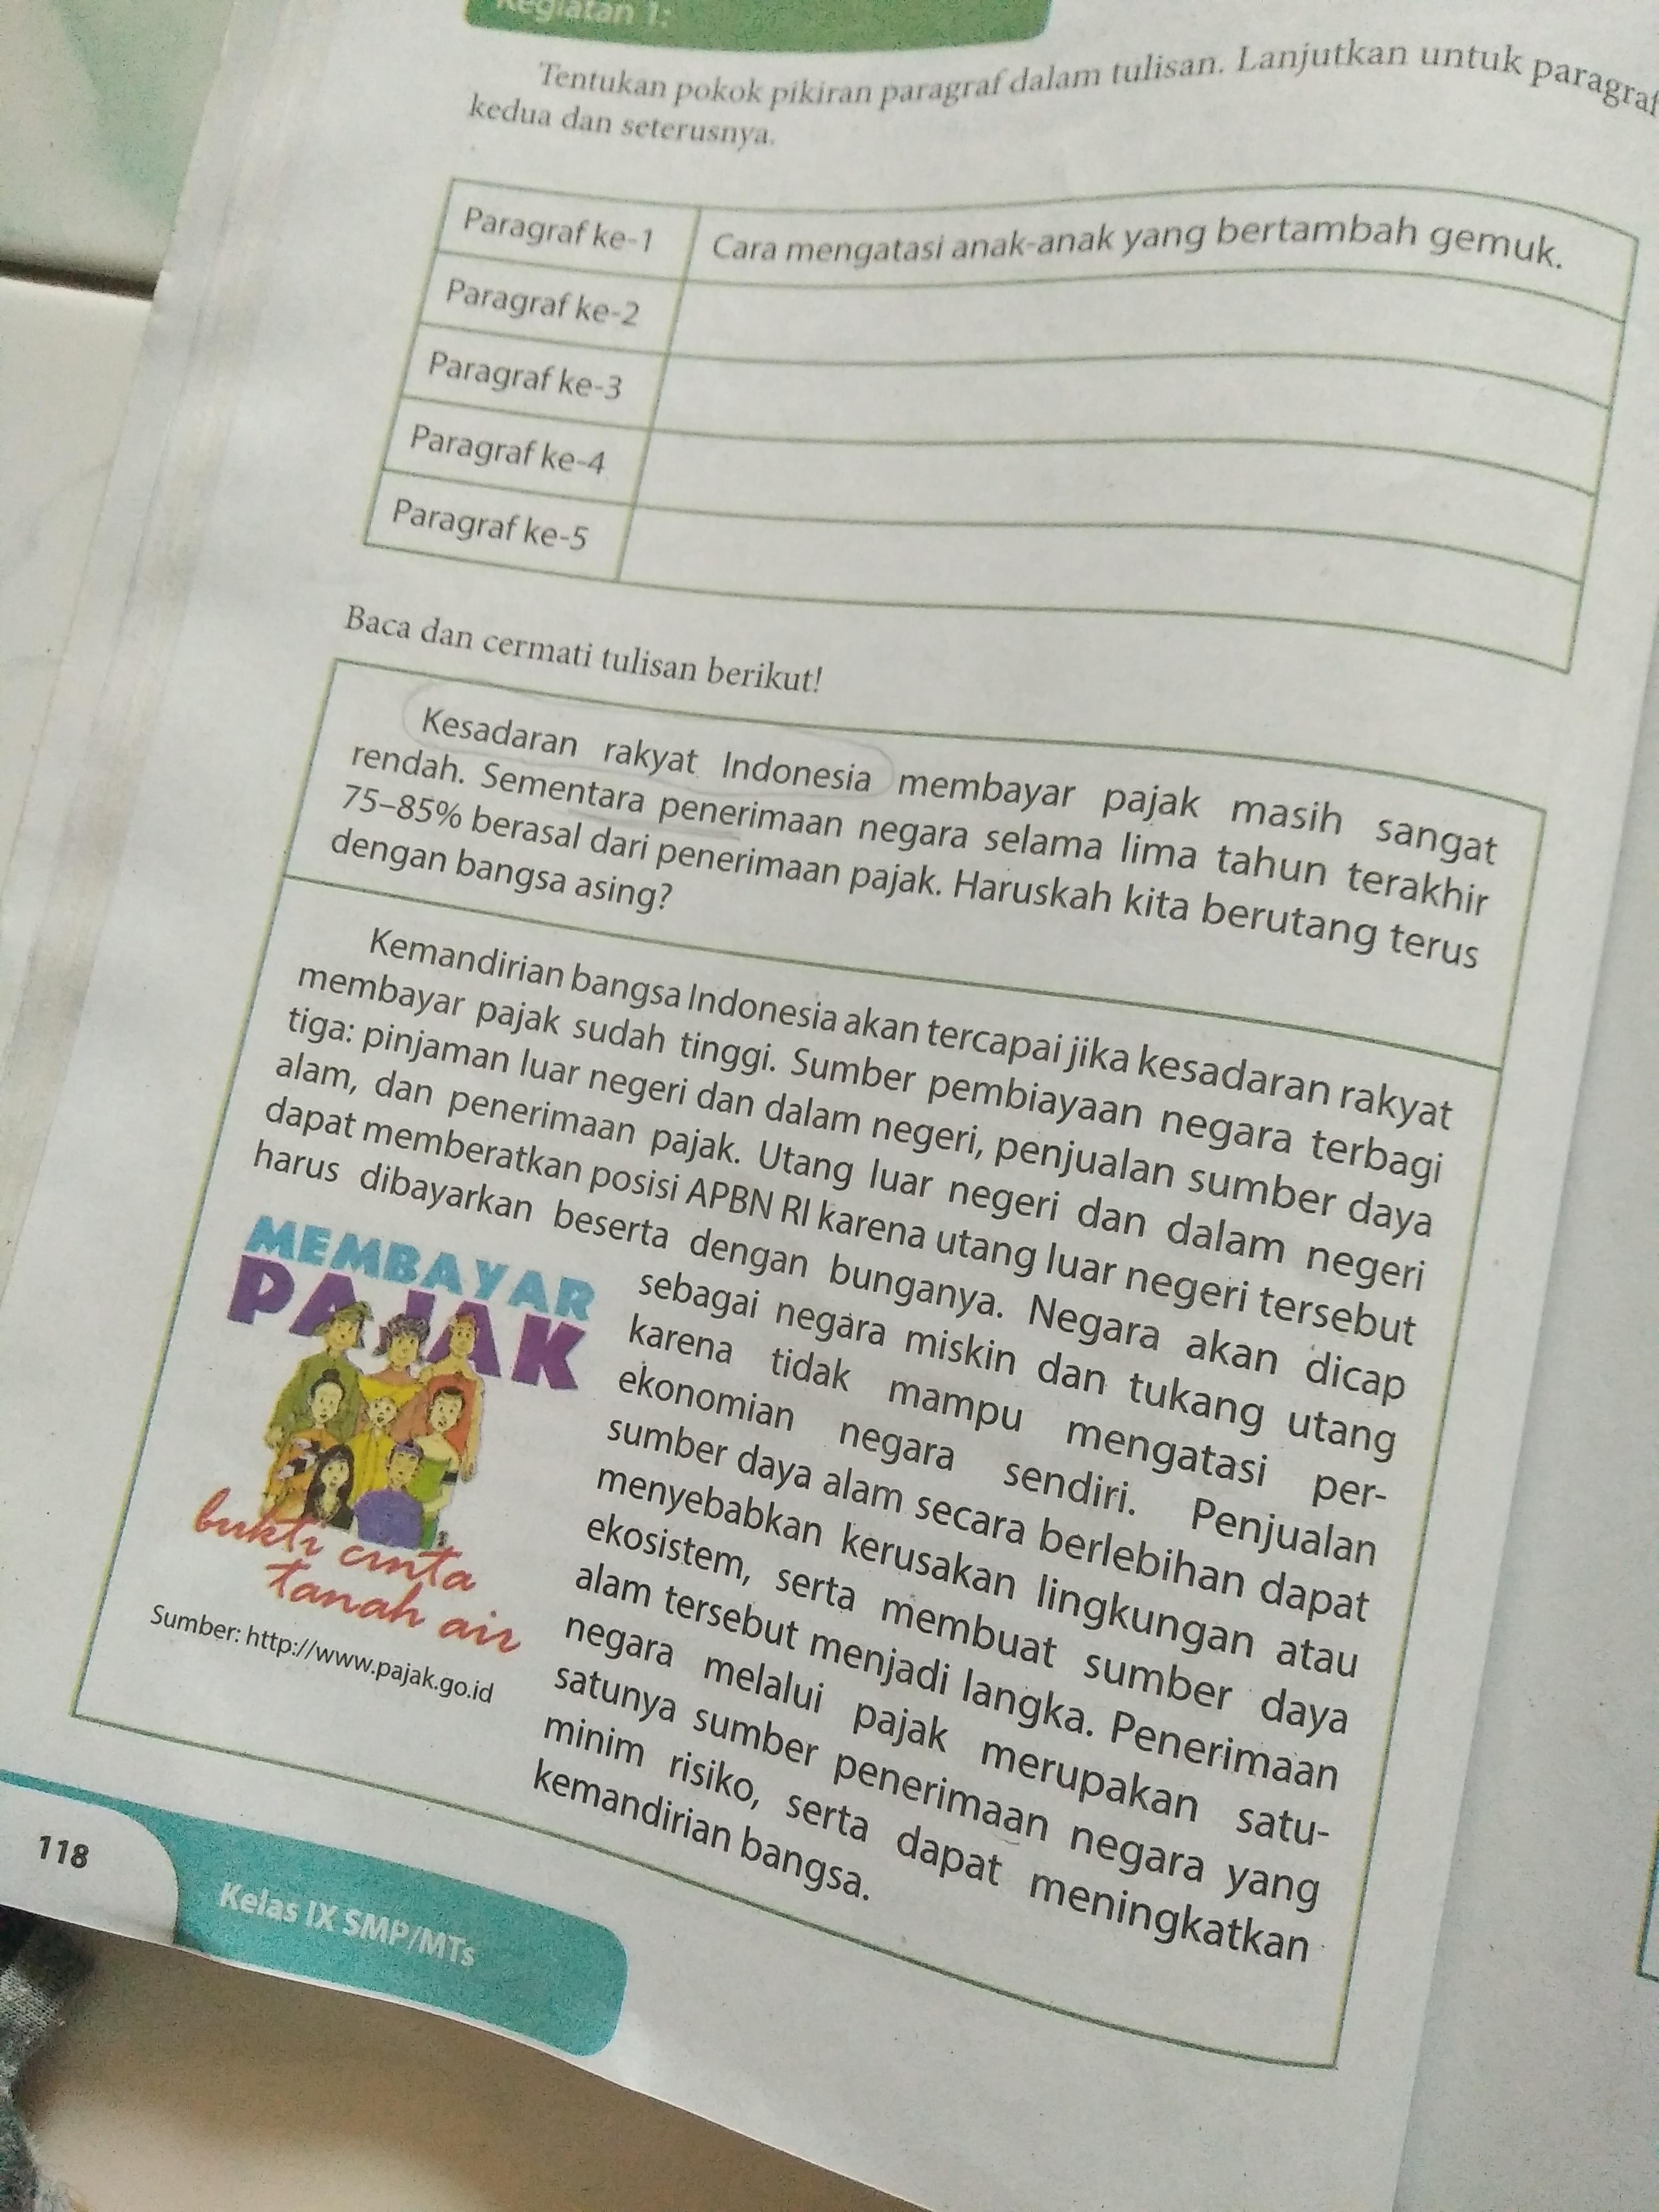 Kunci Jawaban Buku Paket Bahasa Indonesia Kelas 9 Halaman 118 Guru Galeri